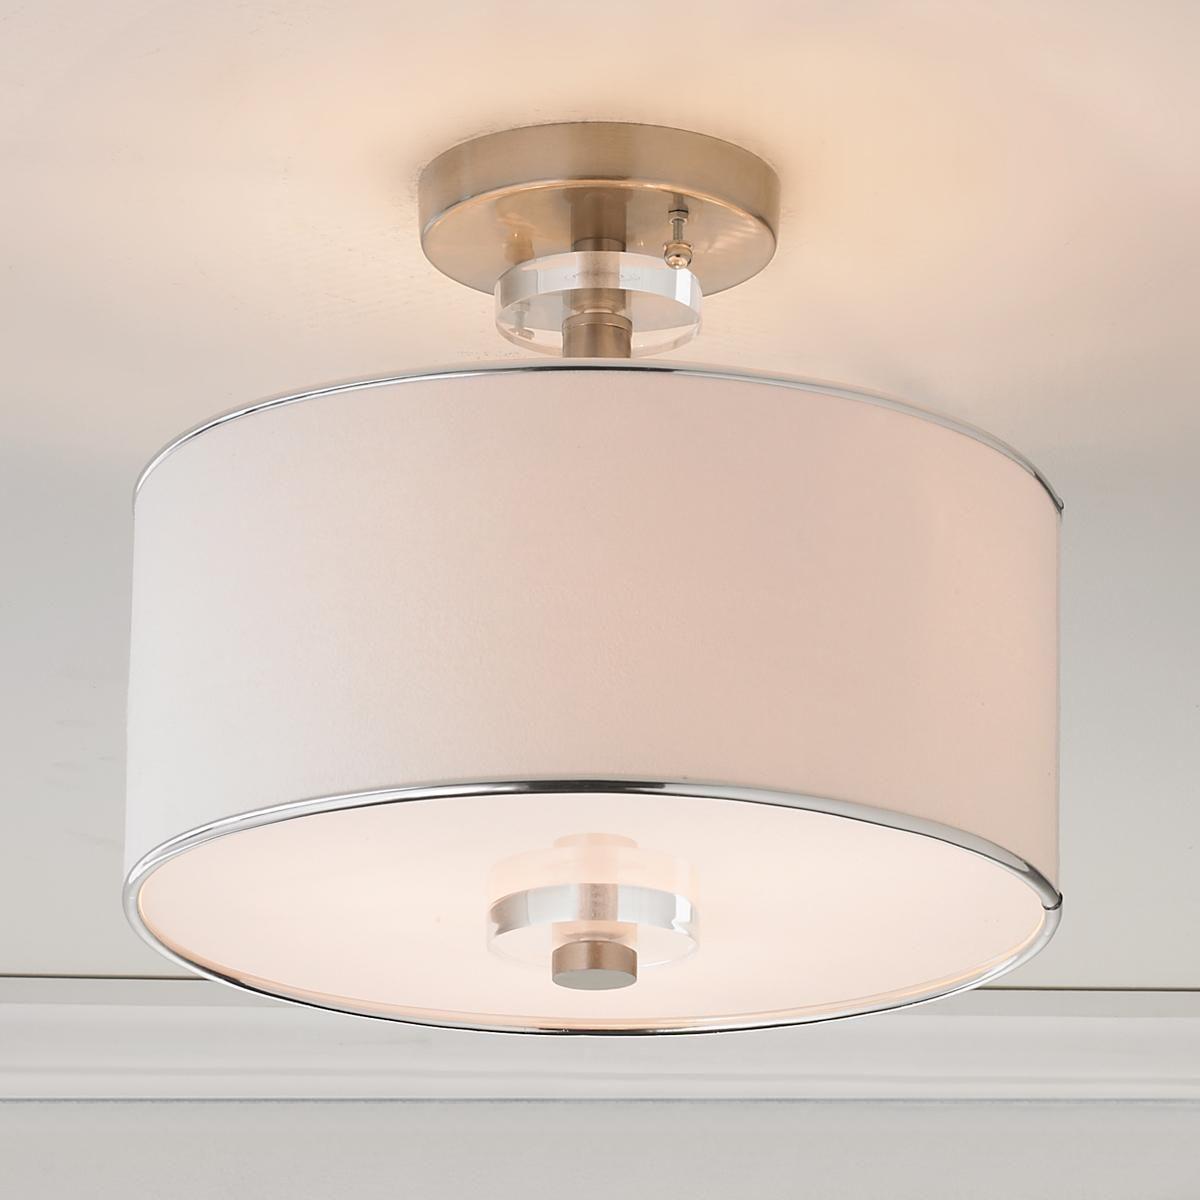 Modern Sleek Semi Flush Ceiling Light Semi Flush Ceiling Lights